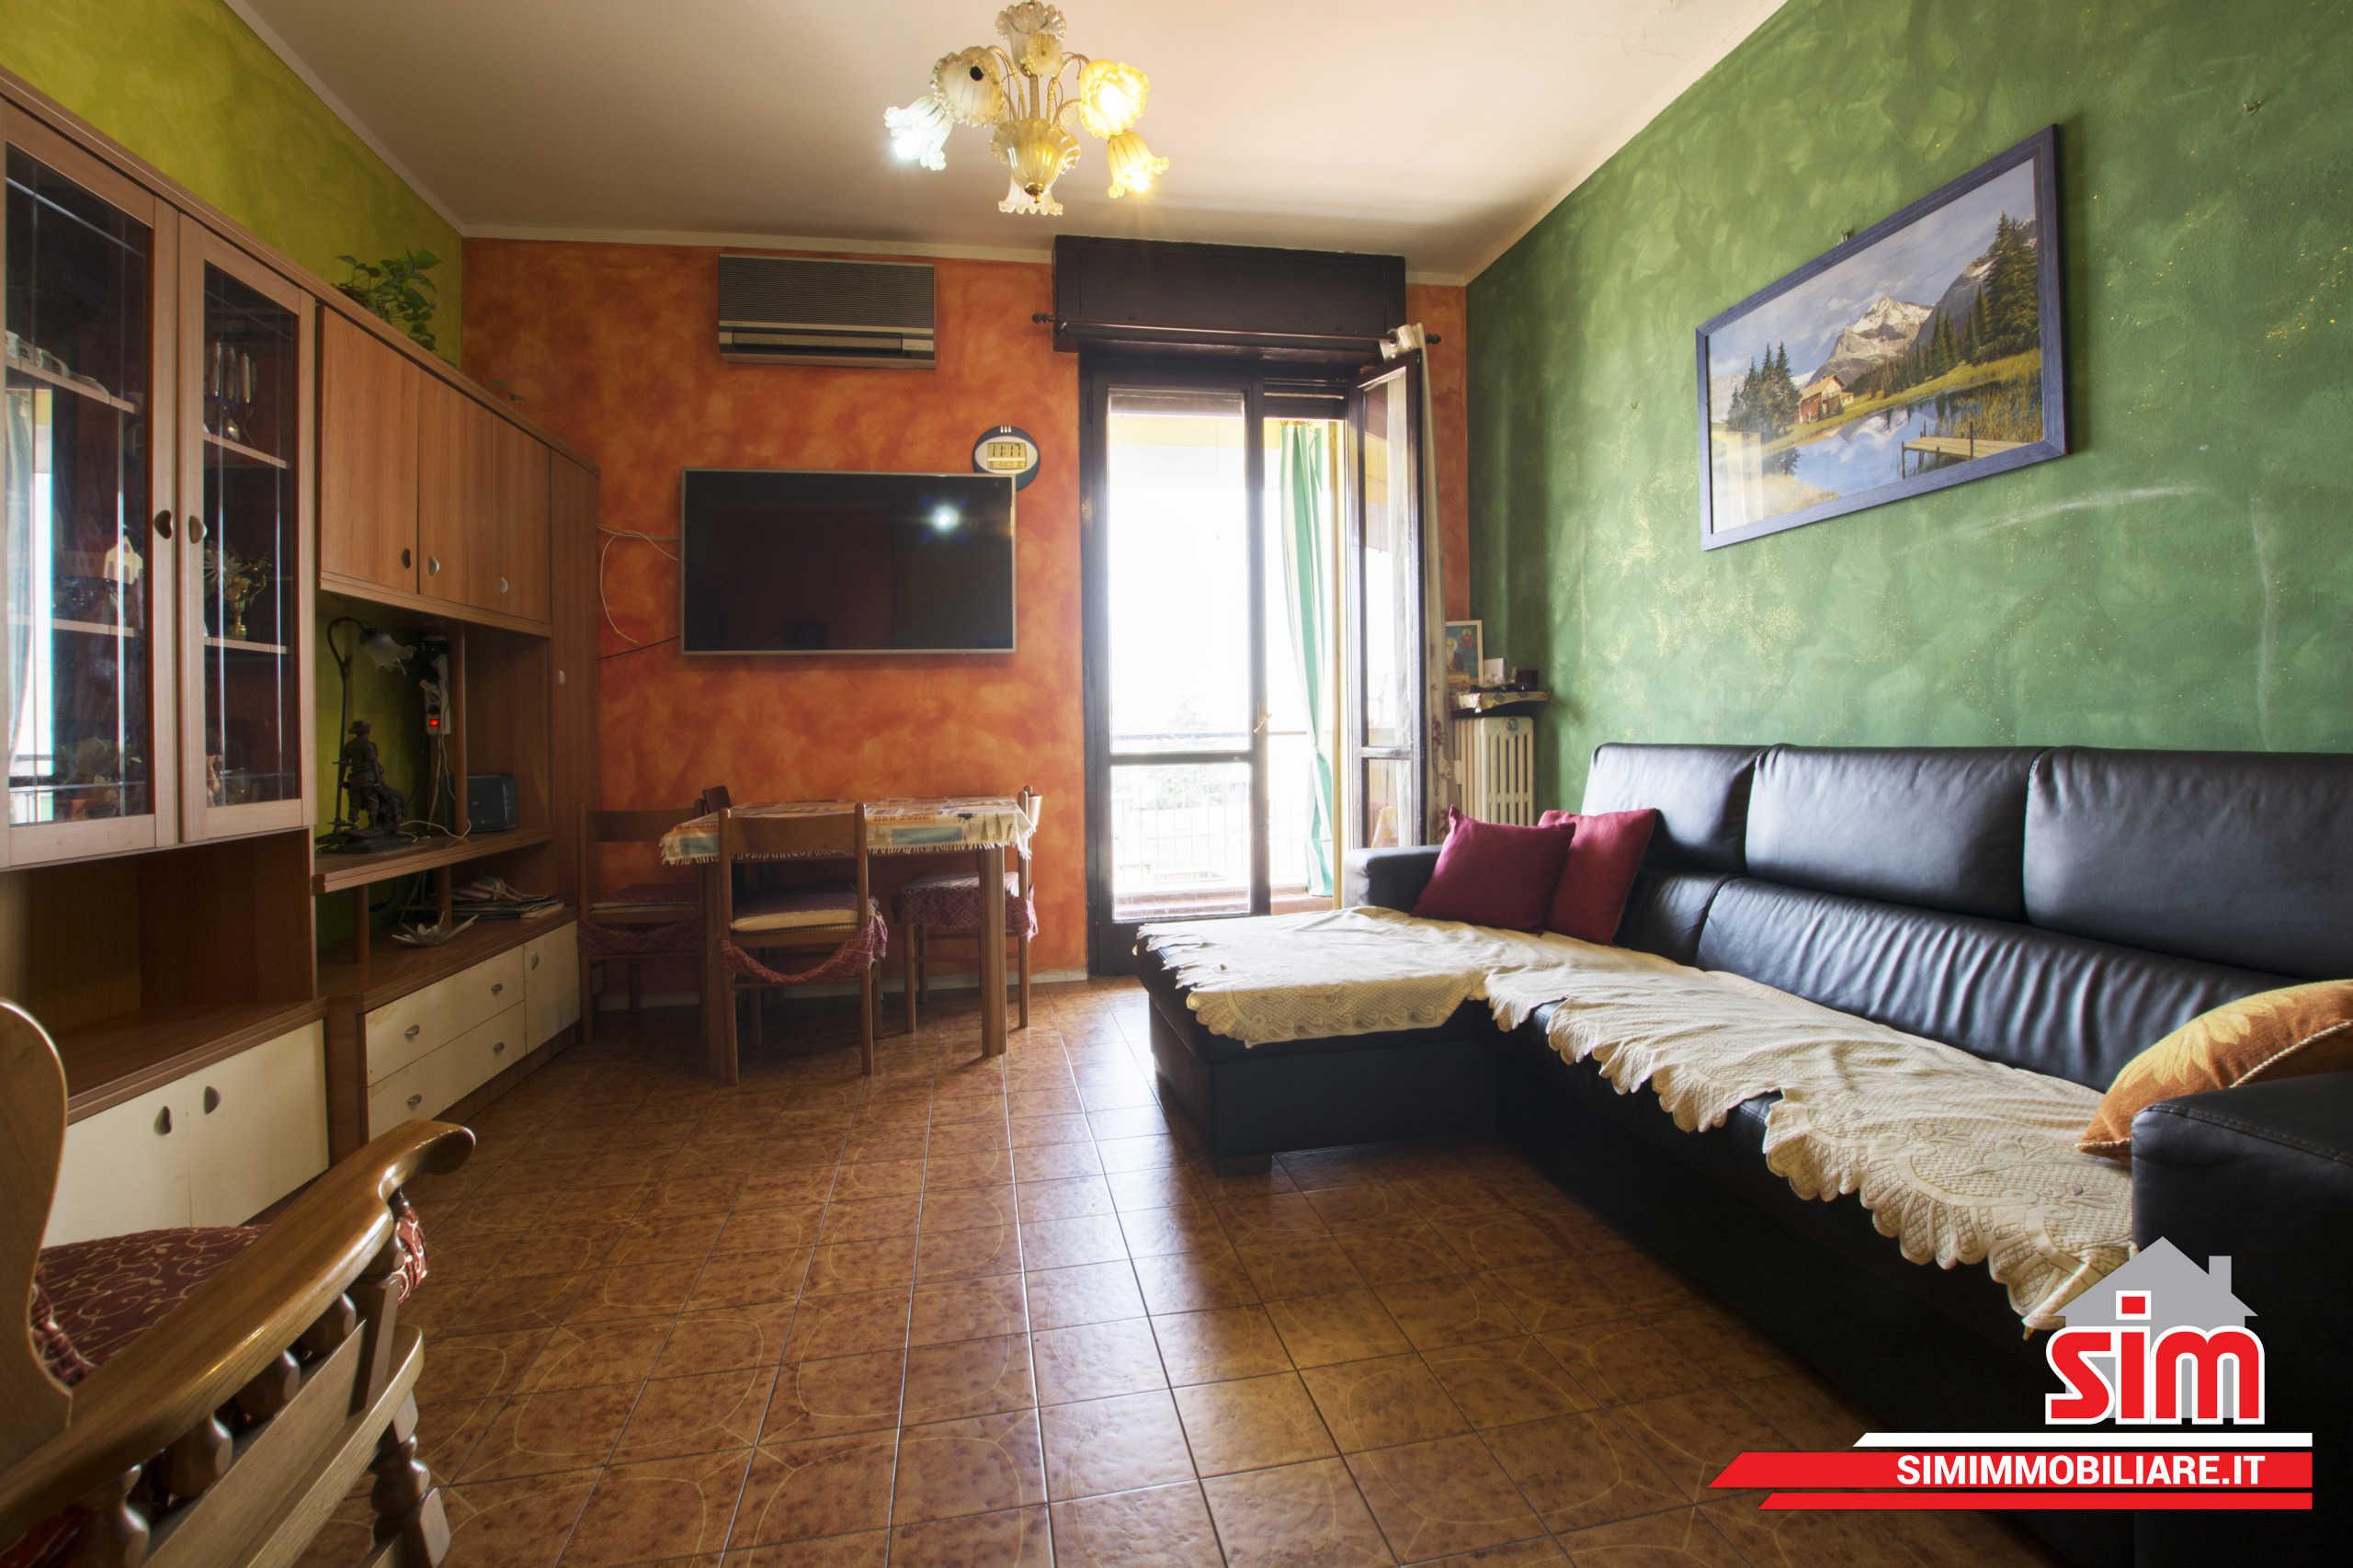 Immobiliare Novara